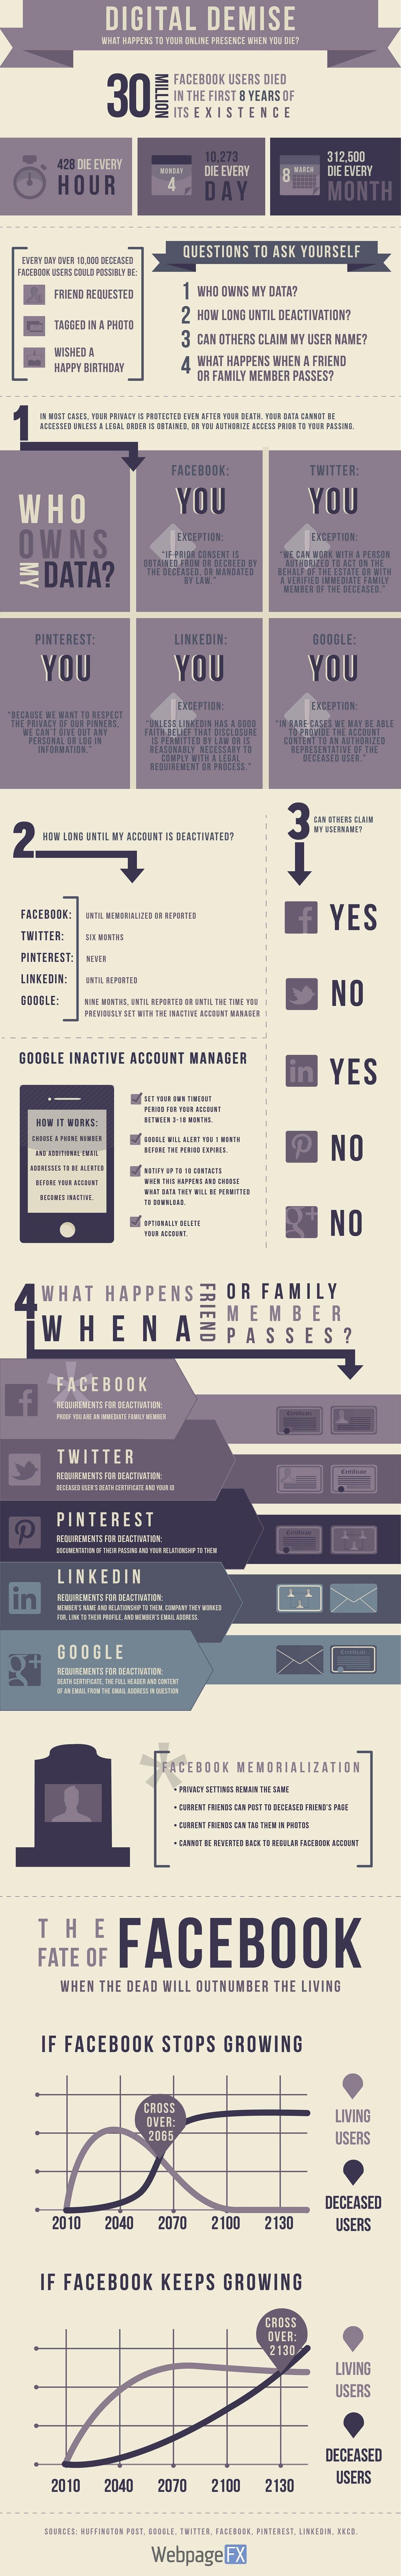 infographie-reseaux-sociaux-mort Infographie : que deviennent vos informations sur les réseaux sociaux après votre mort ?